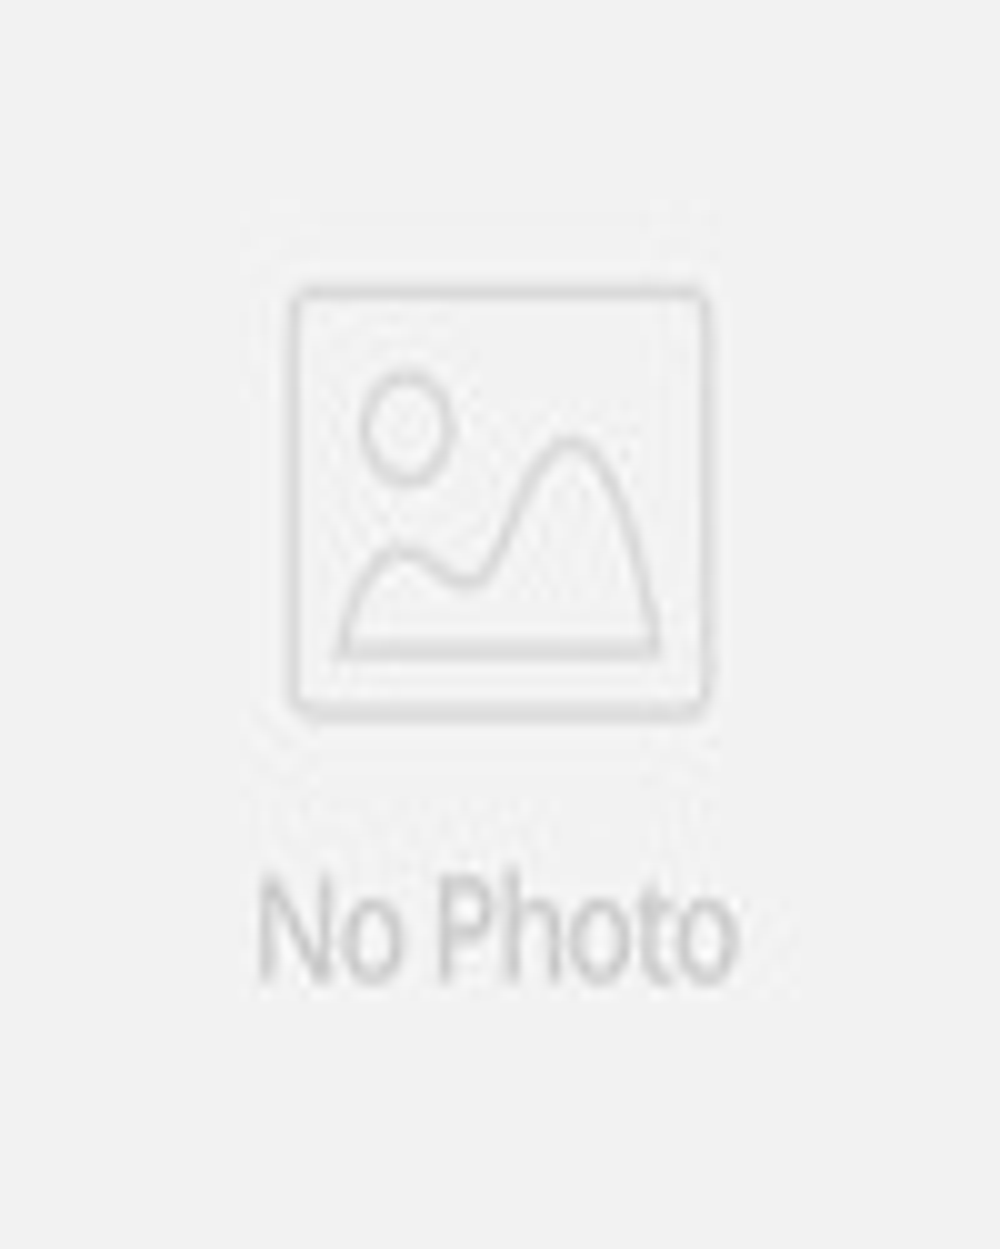 Секс покупателя с продавщицей нижнего белья 23 фотография